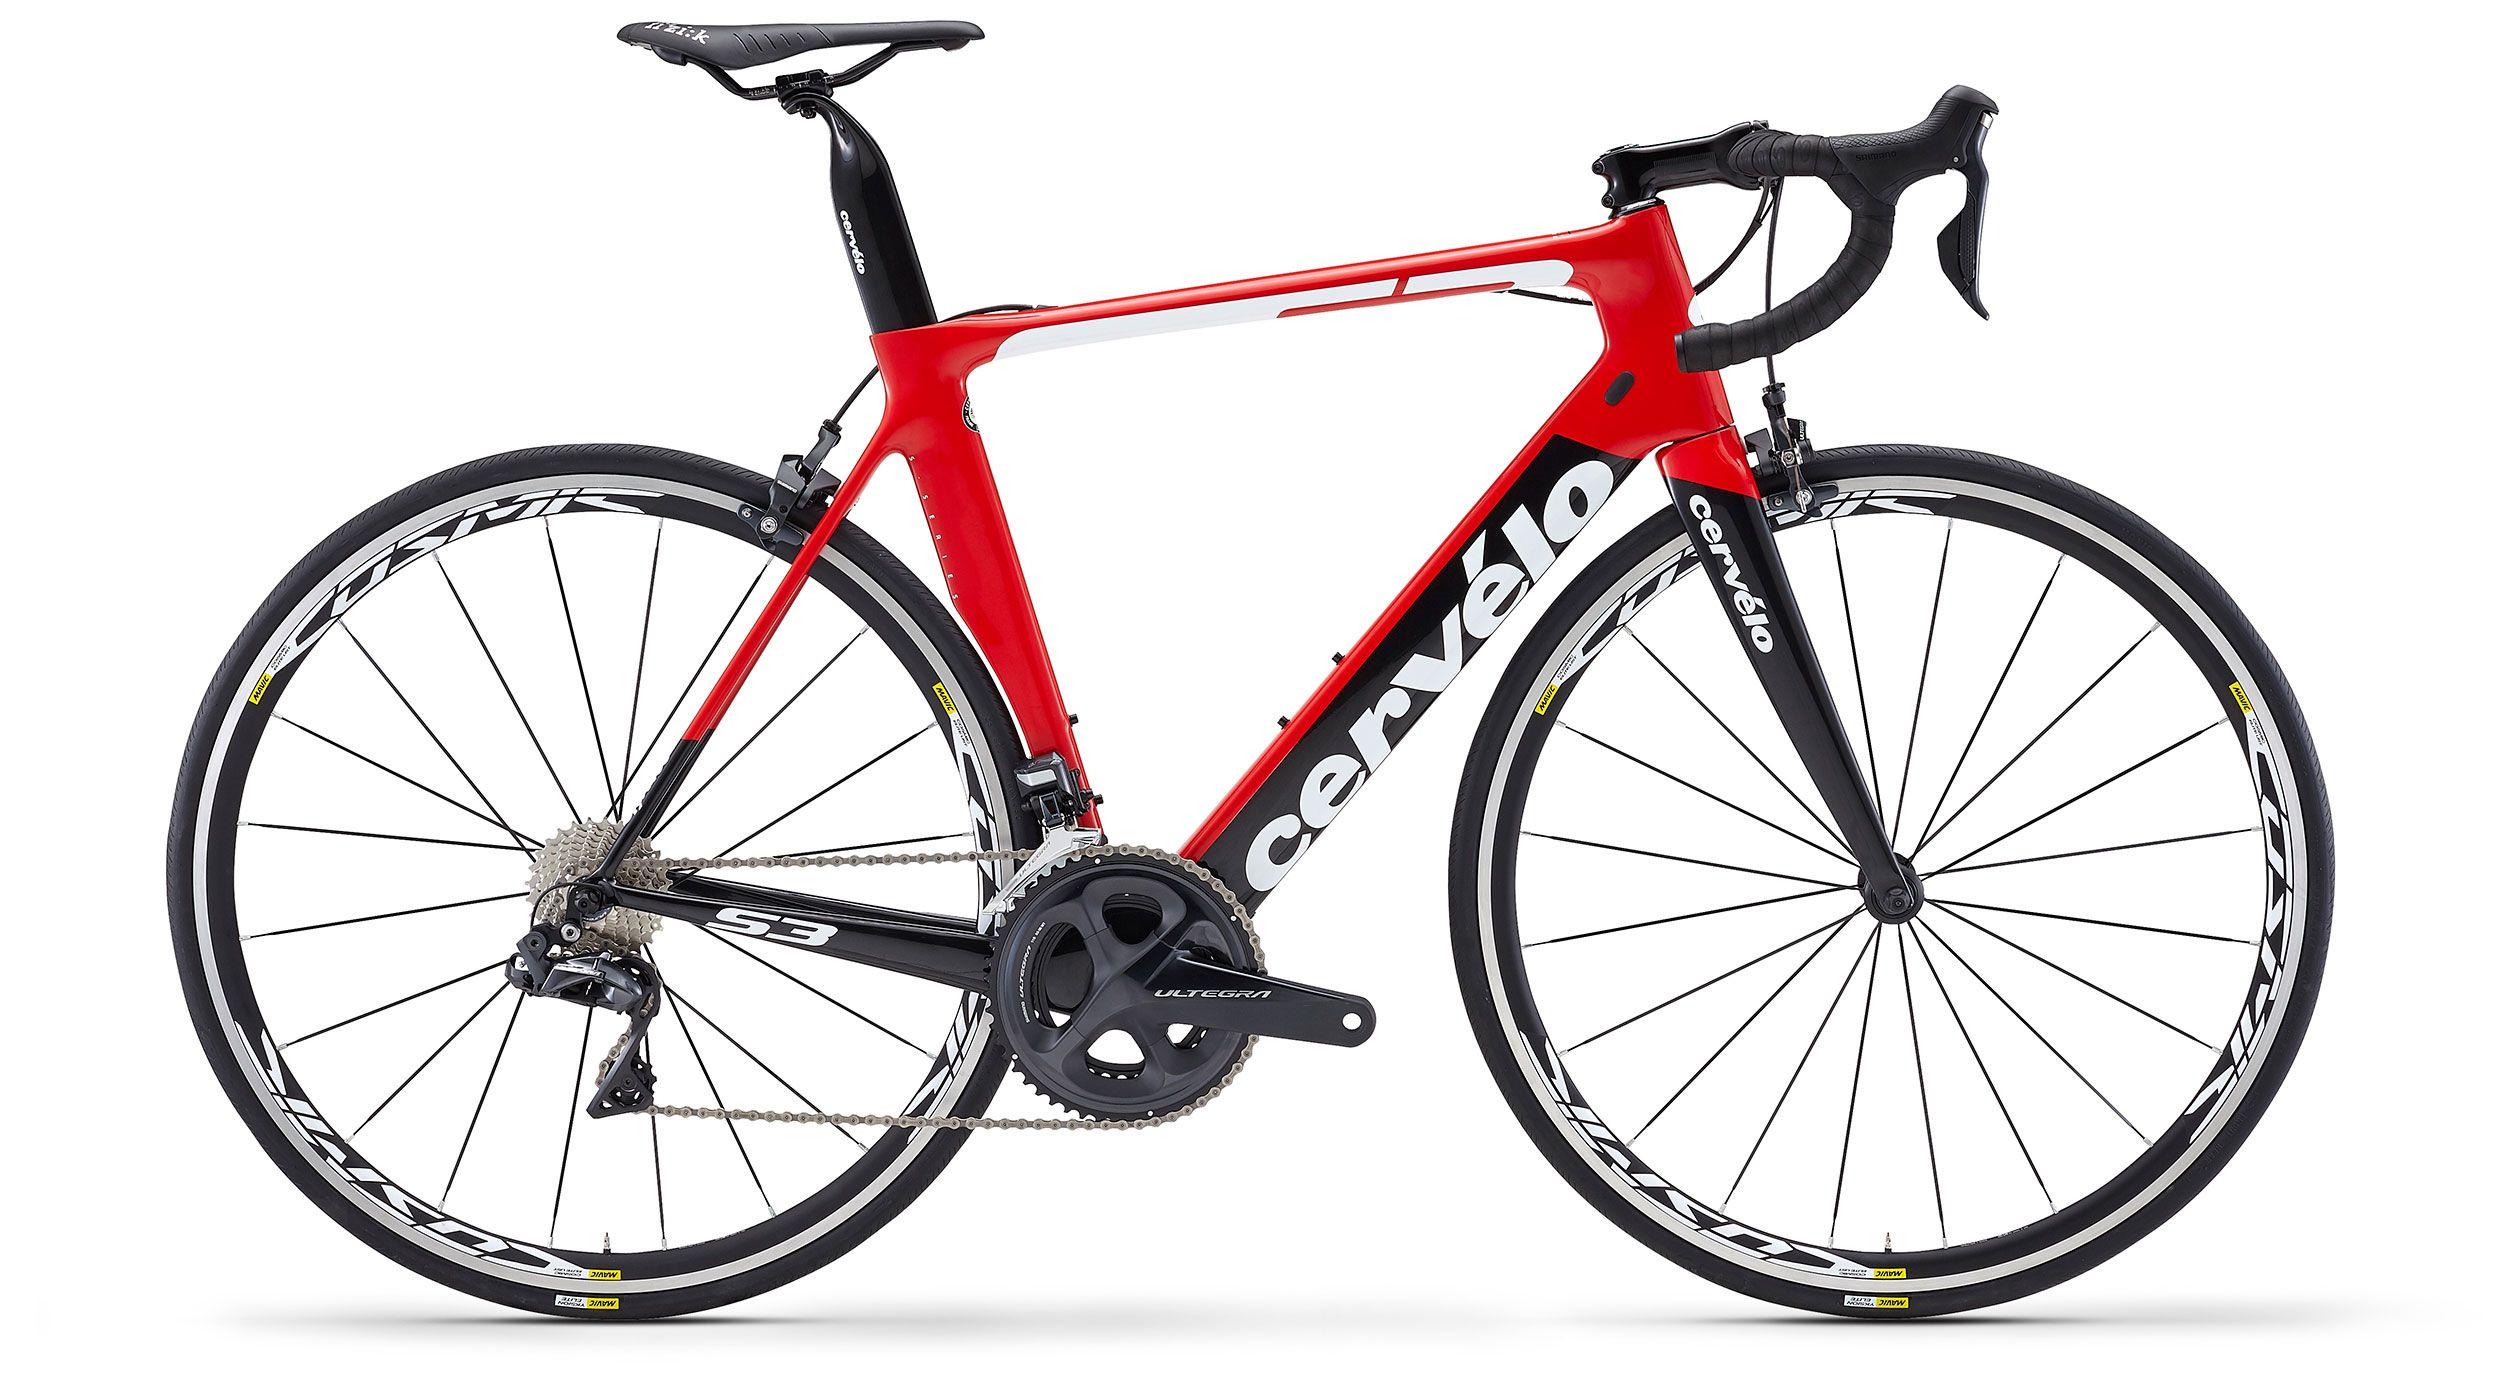 Велосипед Cervelo S3 Ultegra Di2 2018 велосипед cervelo s3 ultegra 2018